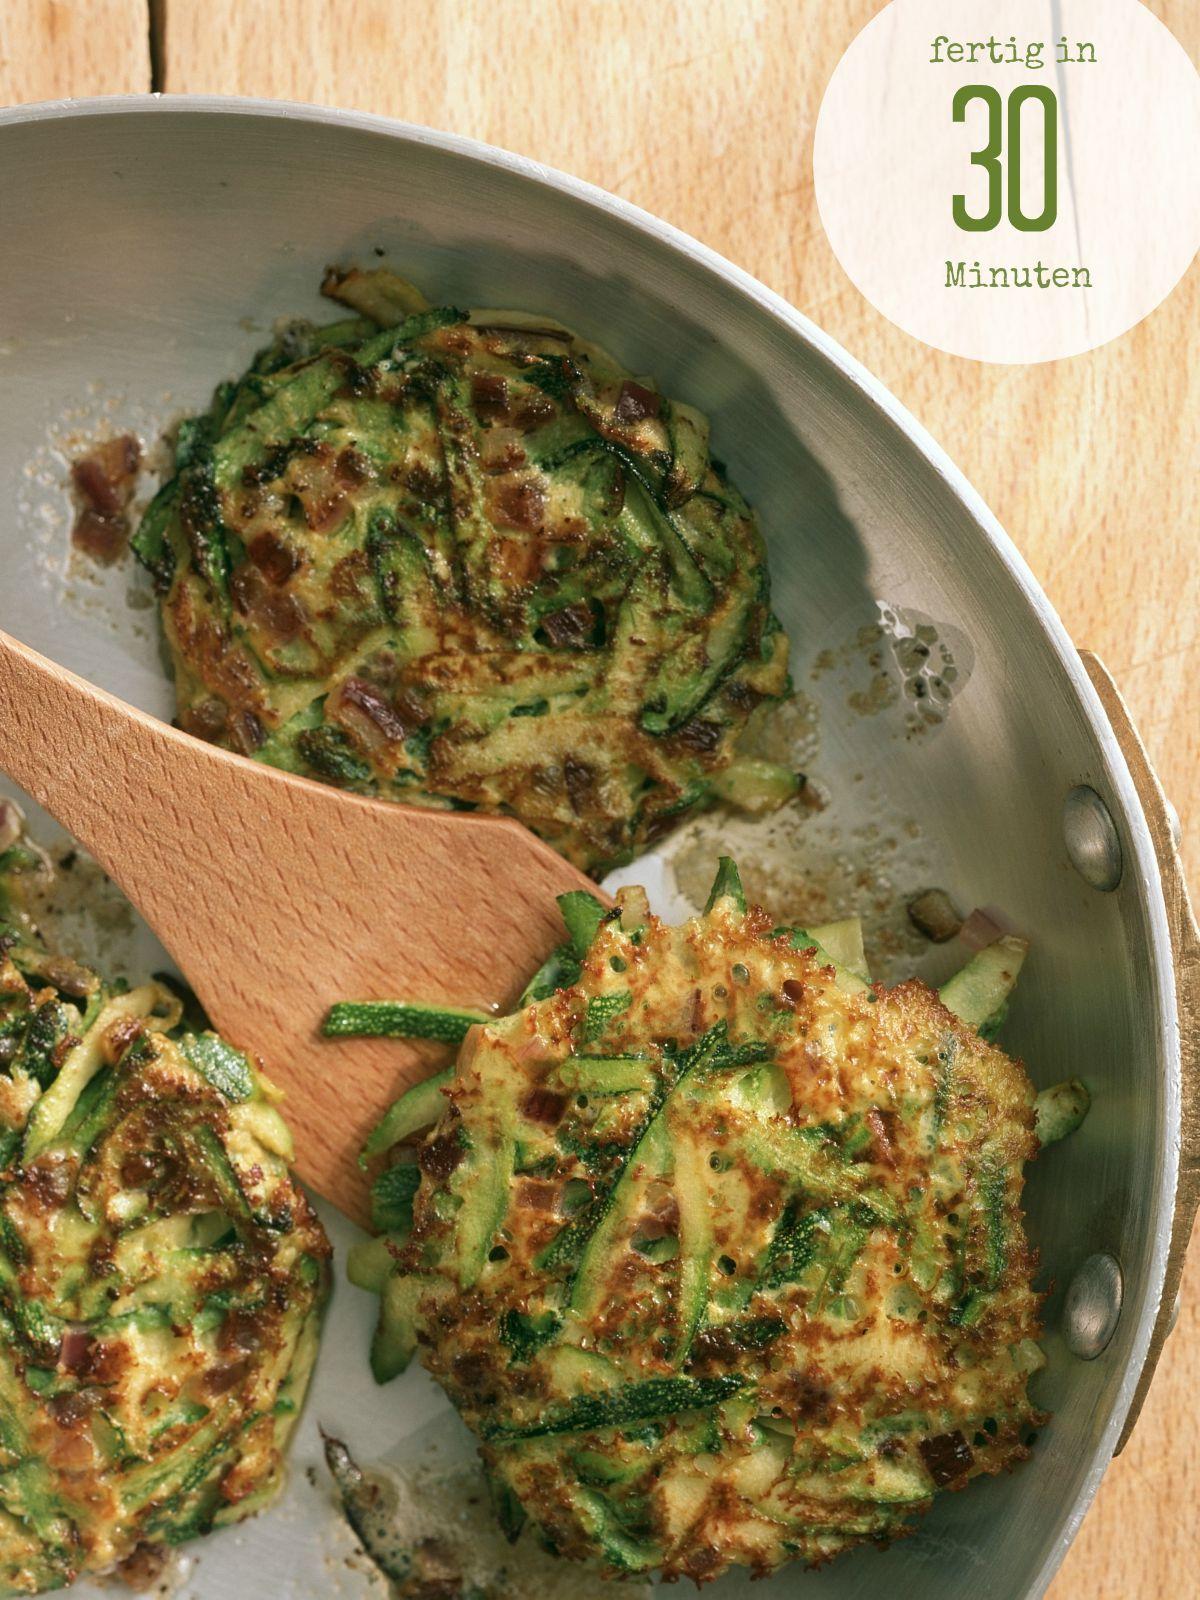 Leichte Küche Einfache Rezepte | Leichte Schoko Muffins Rezepte Suchen